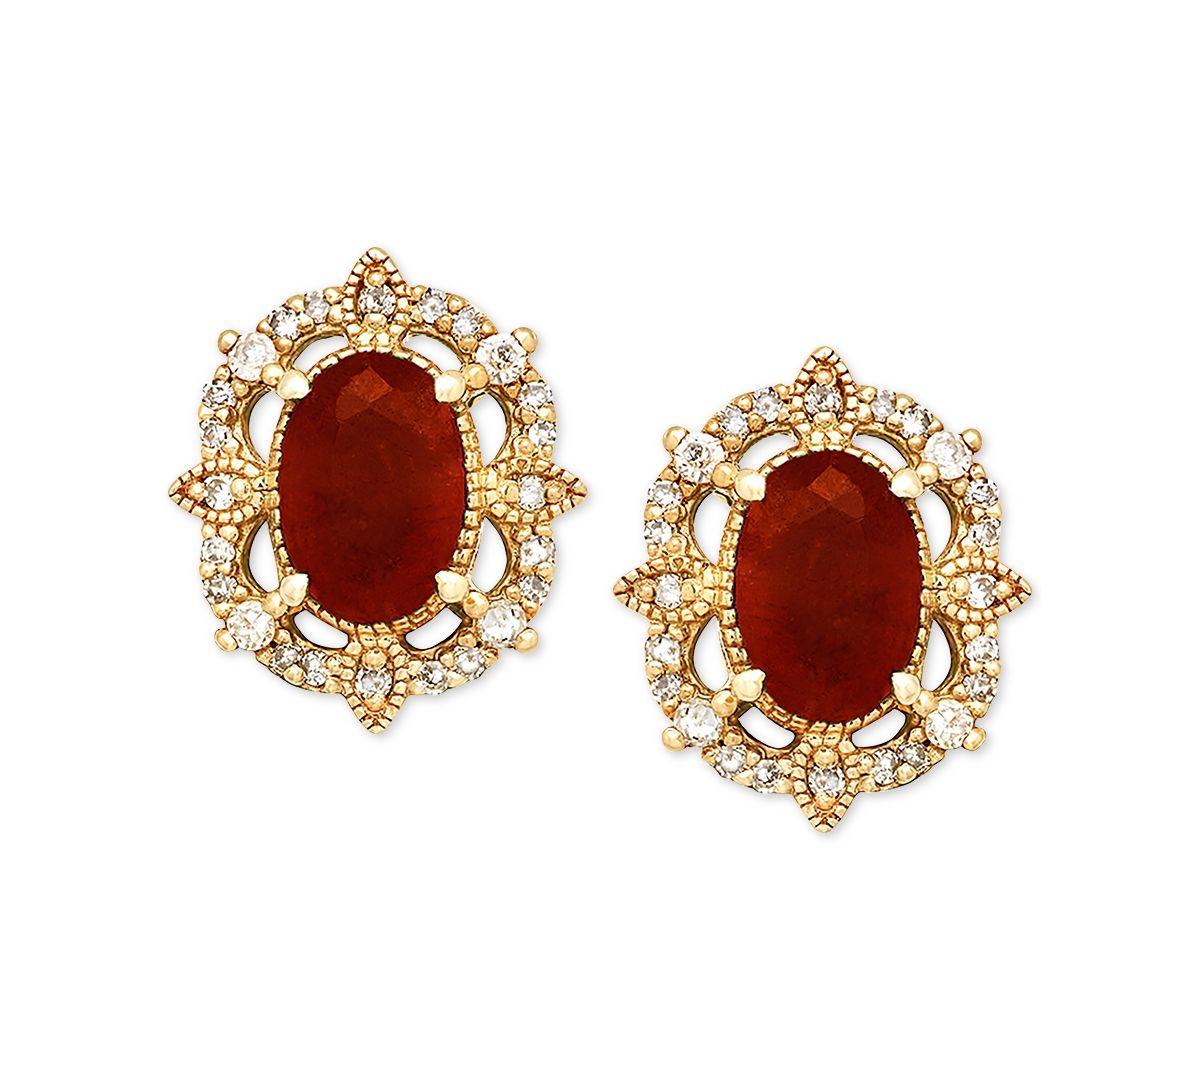 20+ Www macys jewelry com info